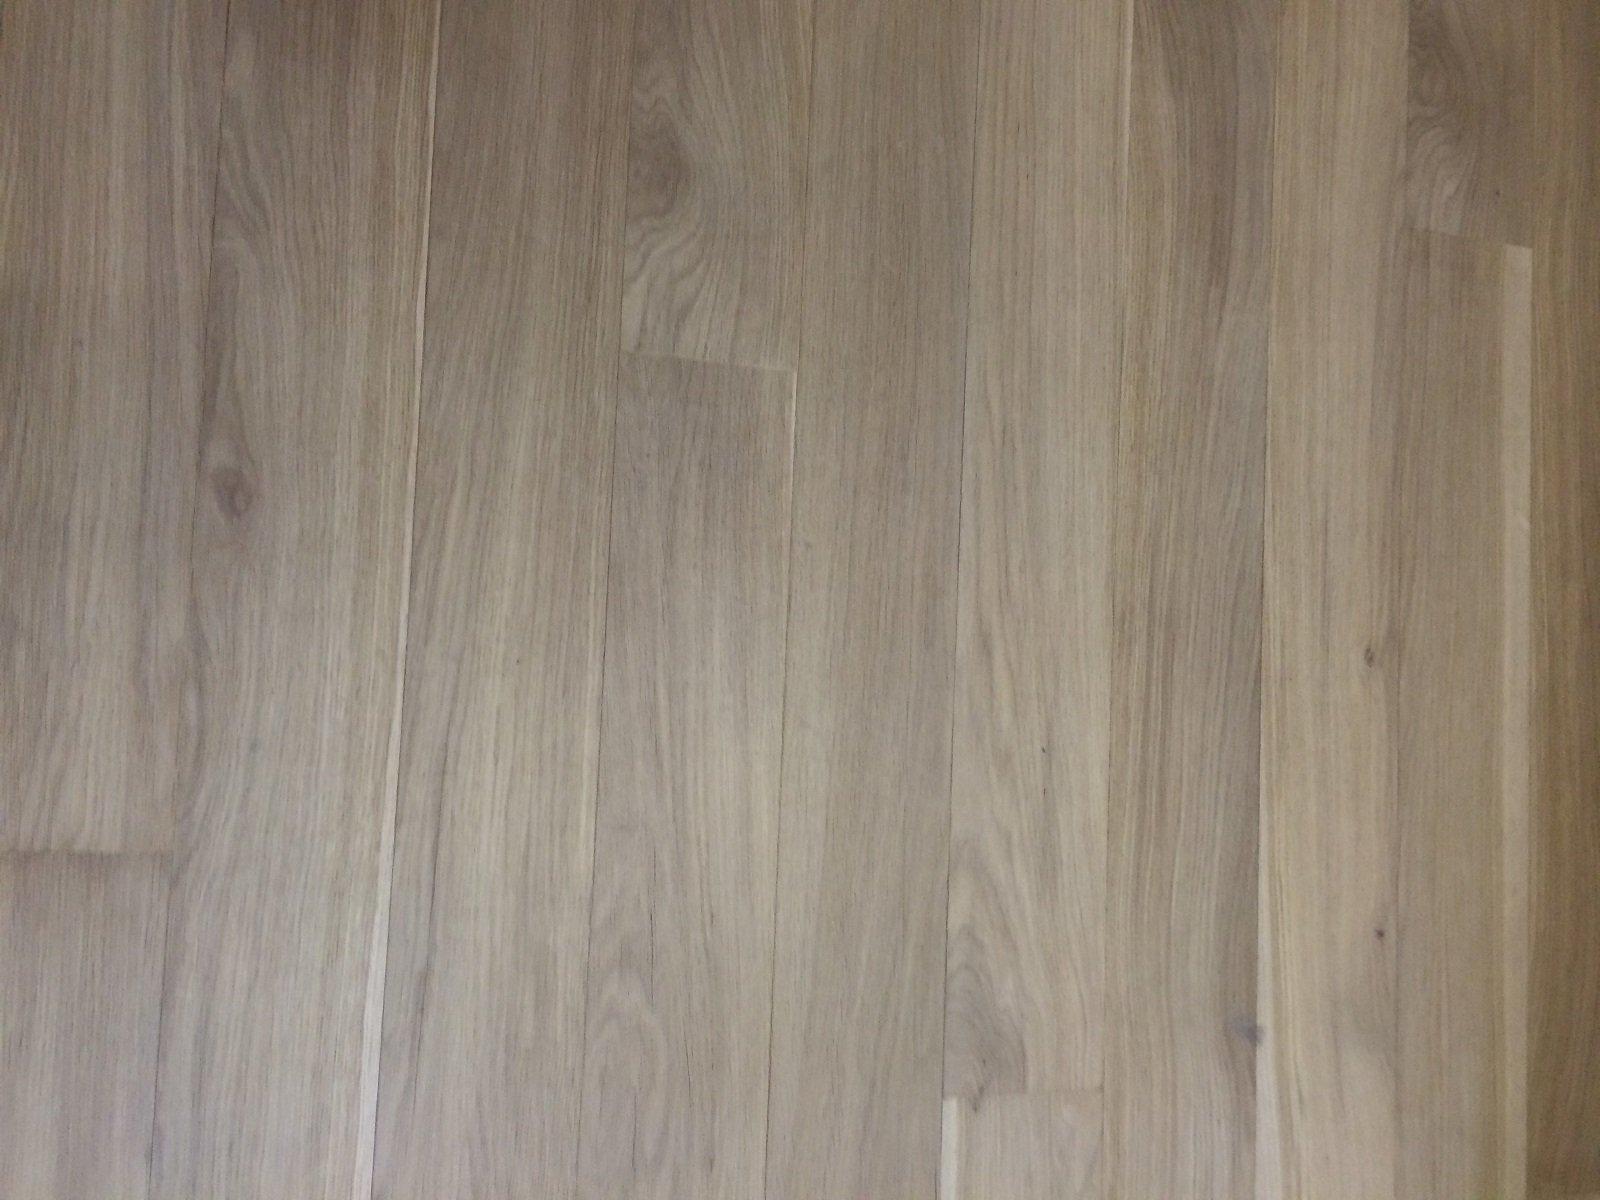 Rivestire il pavimento con lamelle ultrasottili di legno cose di